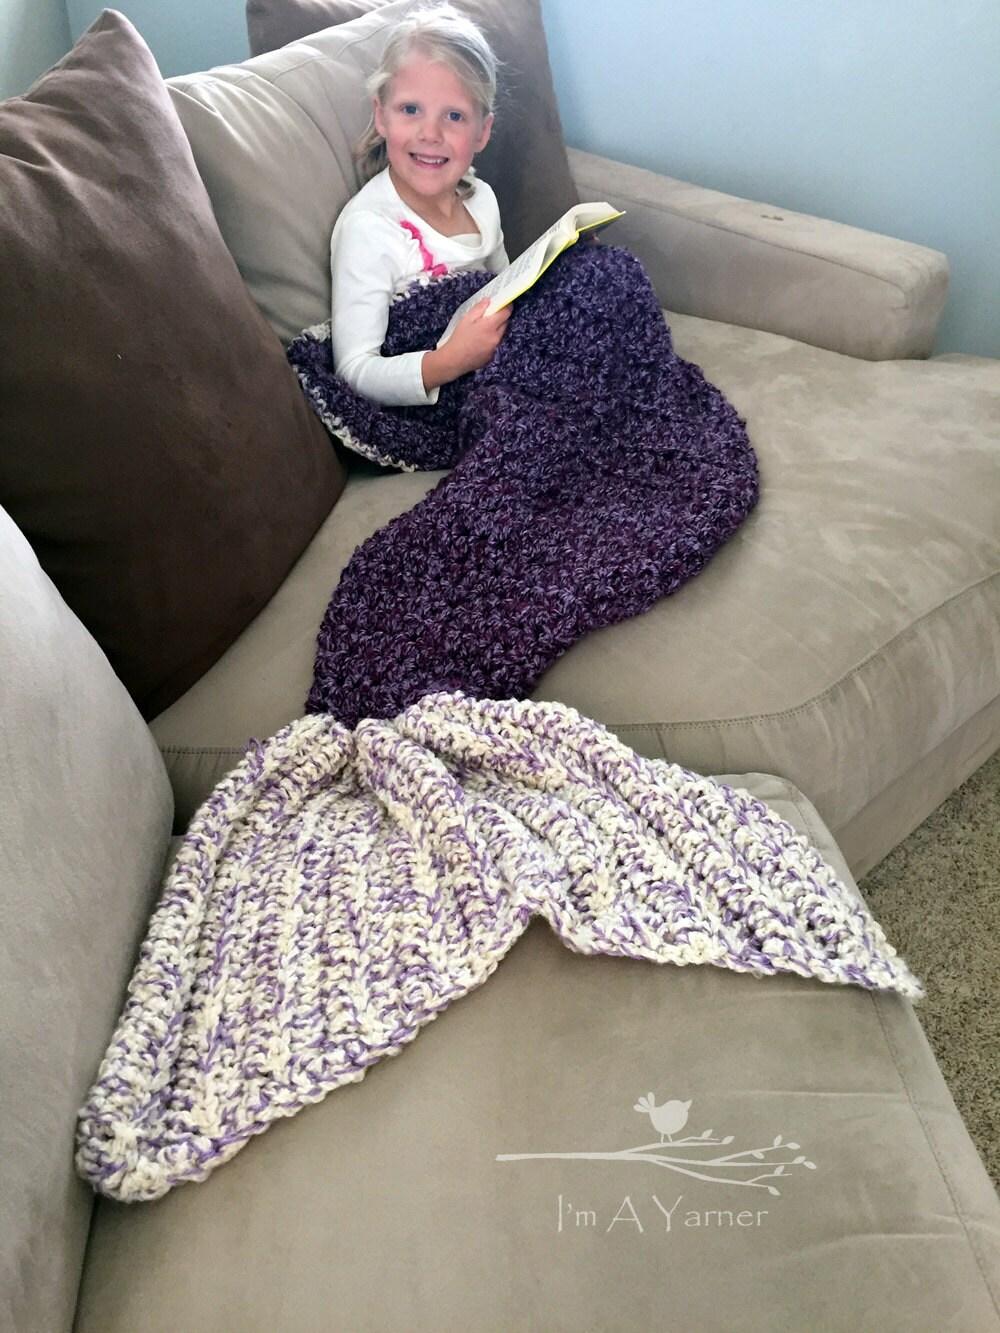 Mermaid Tail Blanket Mermaid Blanket Adult Crochet Mermaid